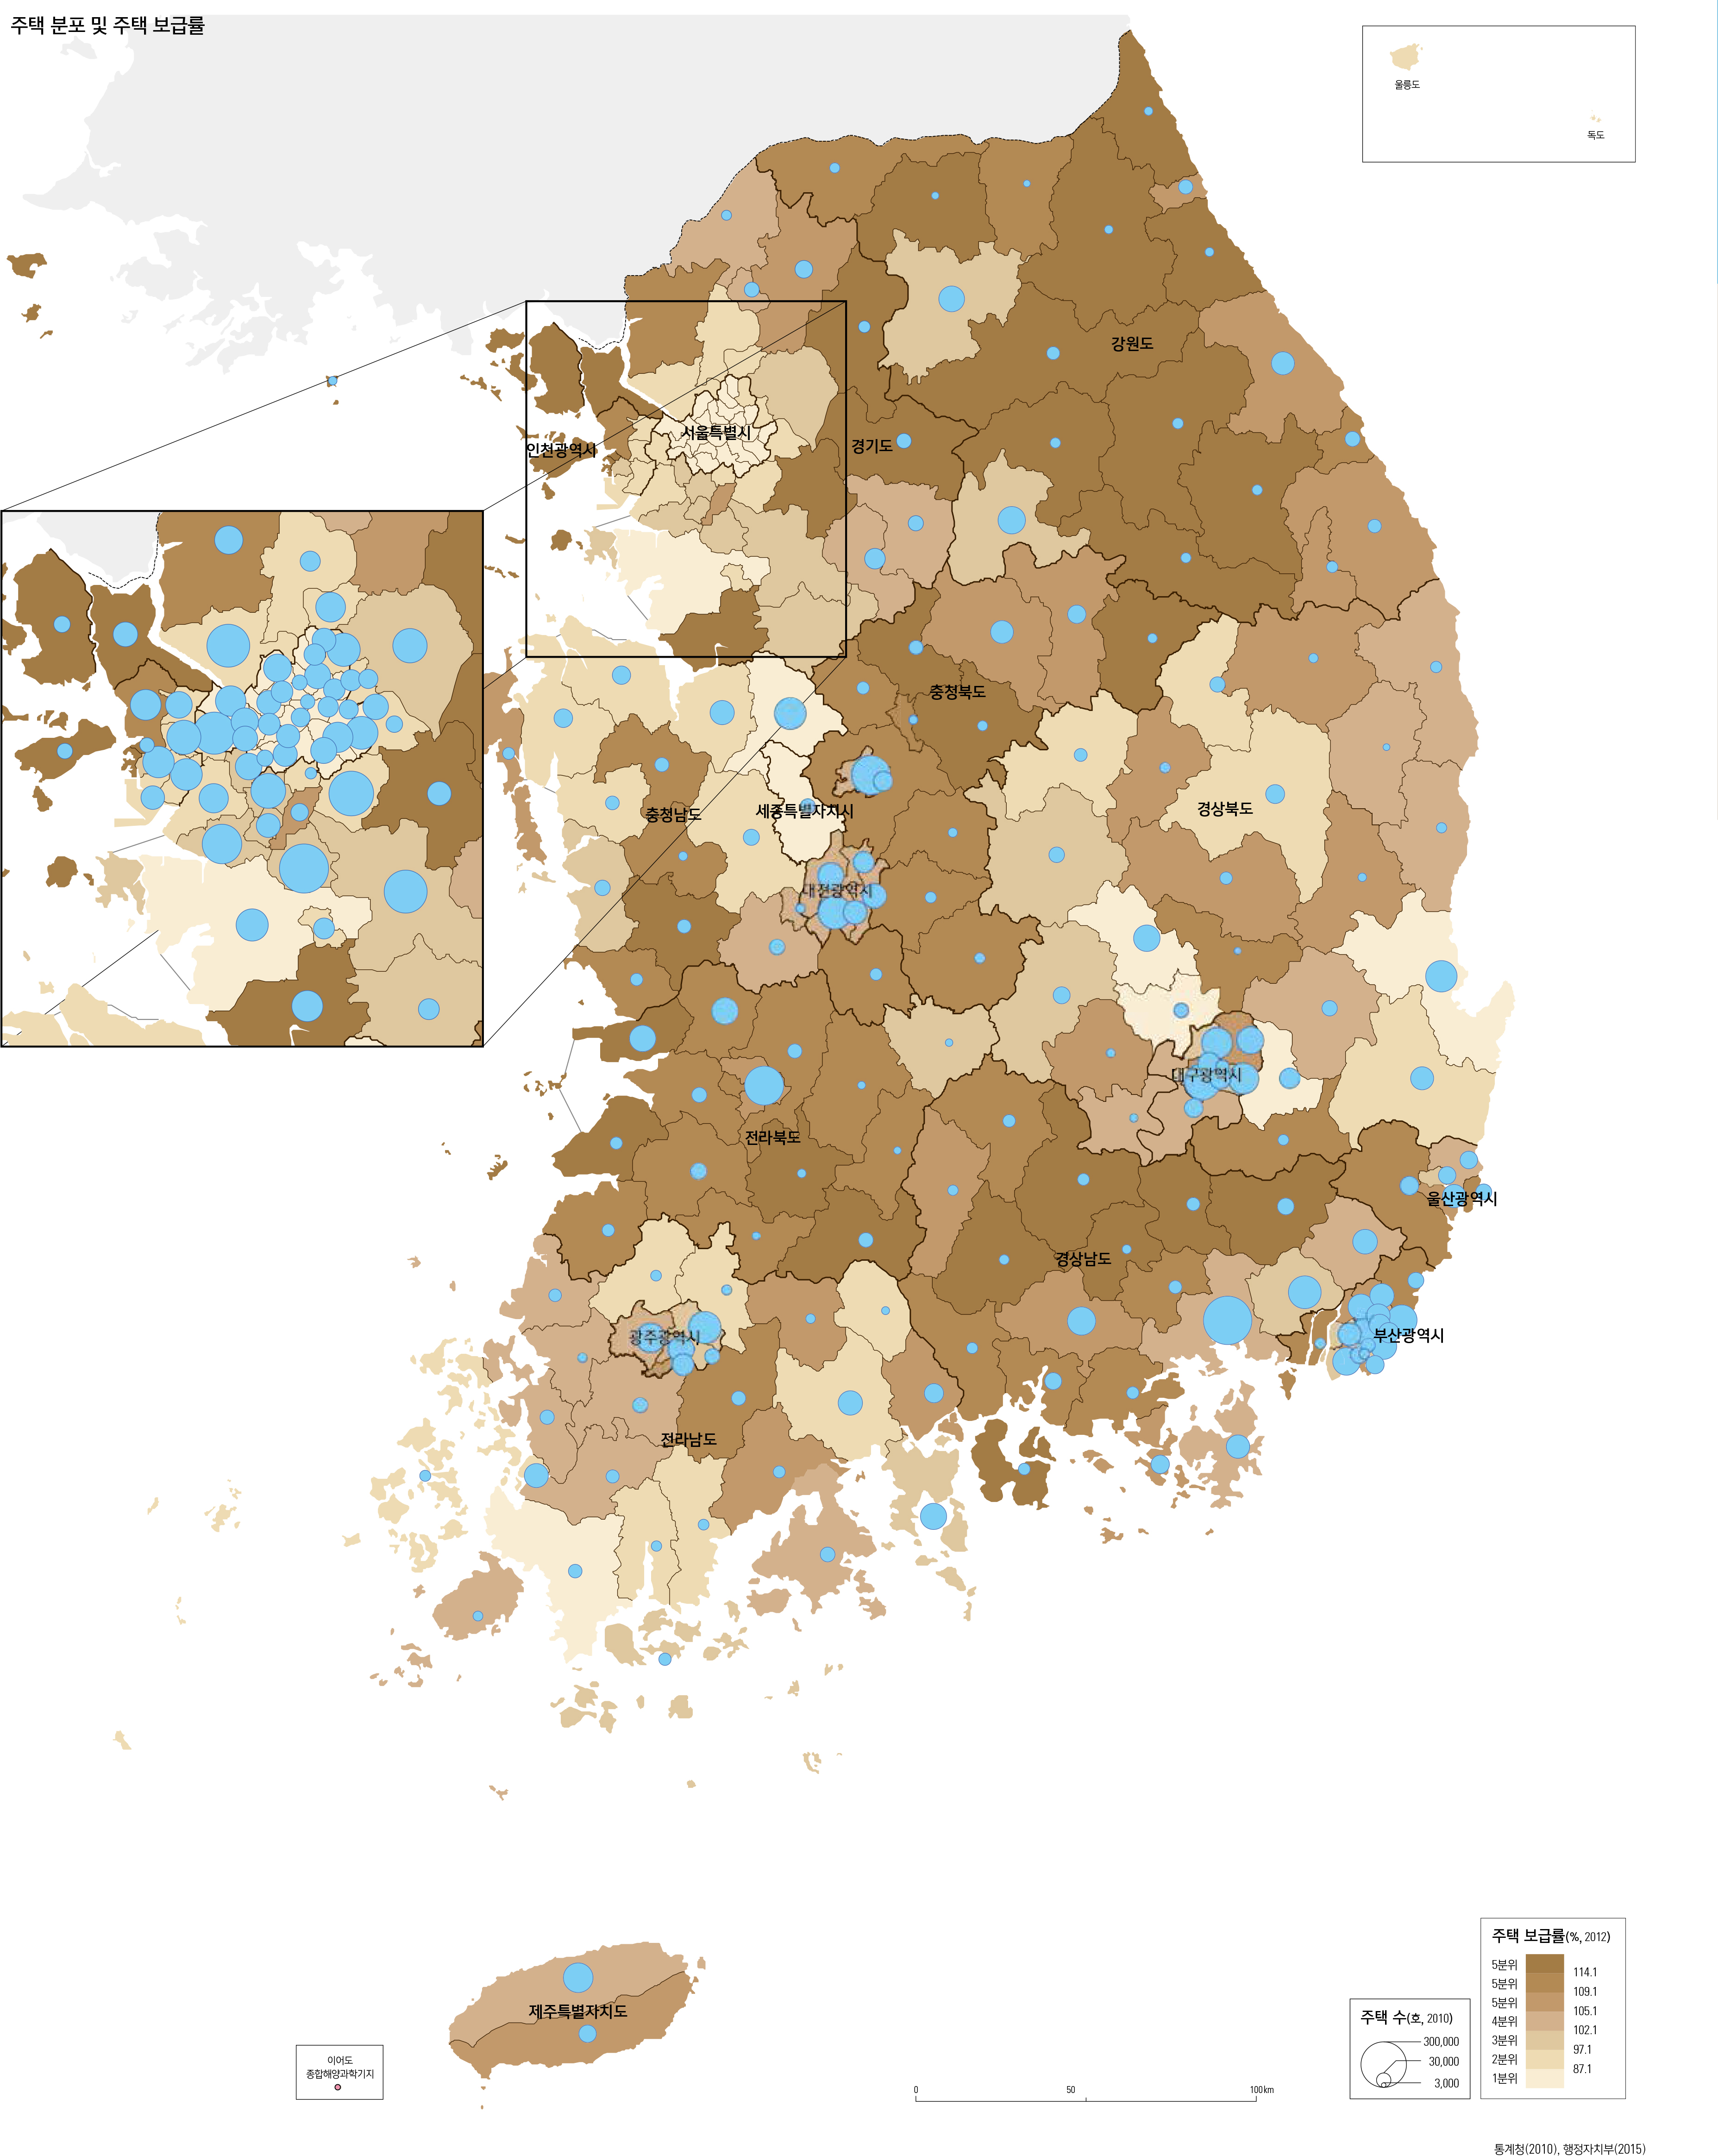 주택 분포 및 주택 보급률